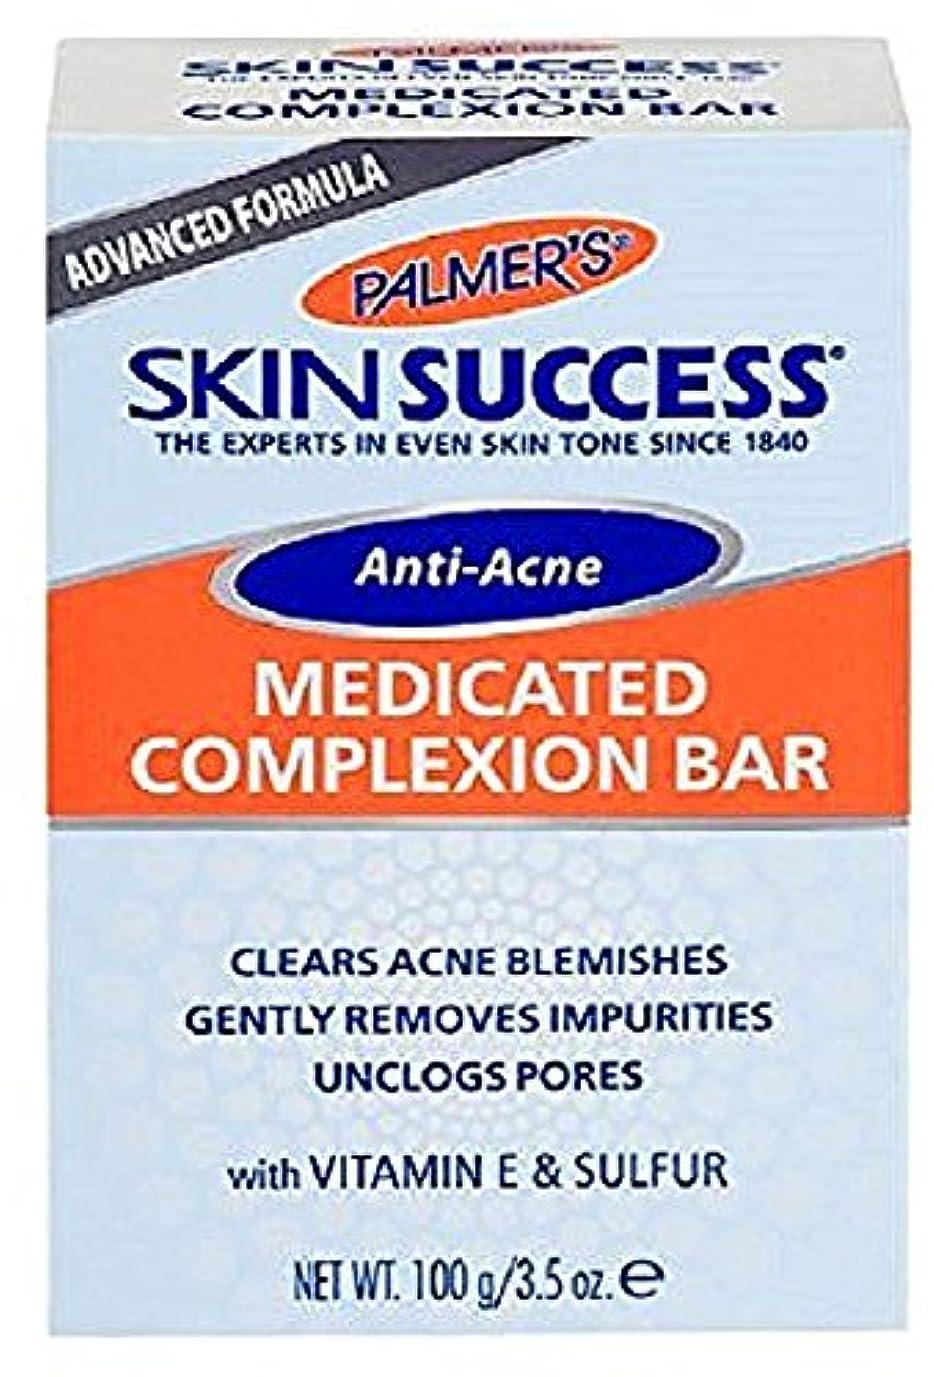 十分な終了するマットレスPalmer's 皮膚成功抗菌薬用コンプレクションバー3.50オズ(2パック)